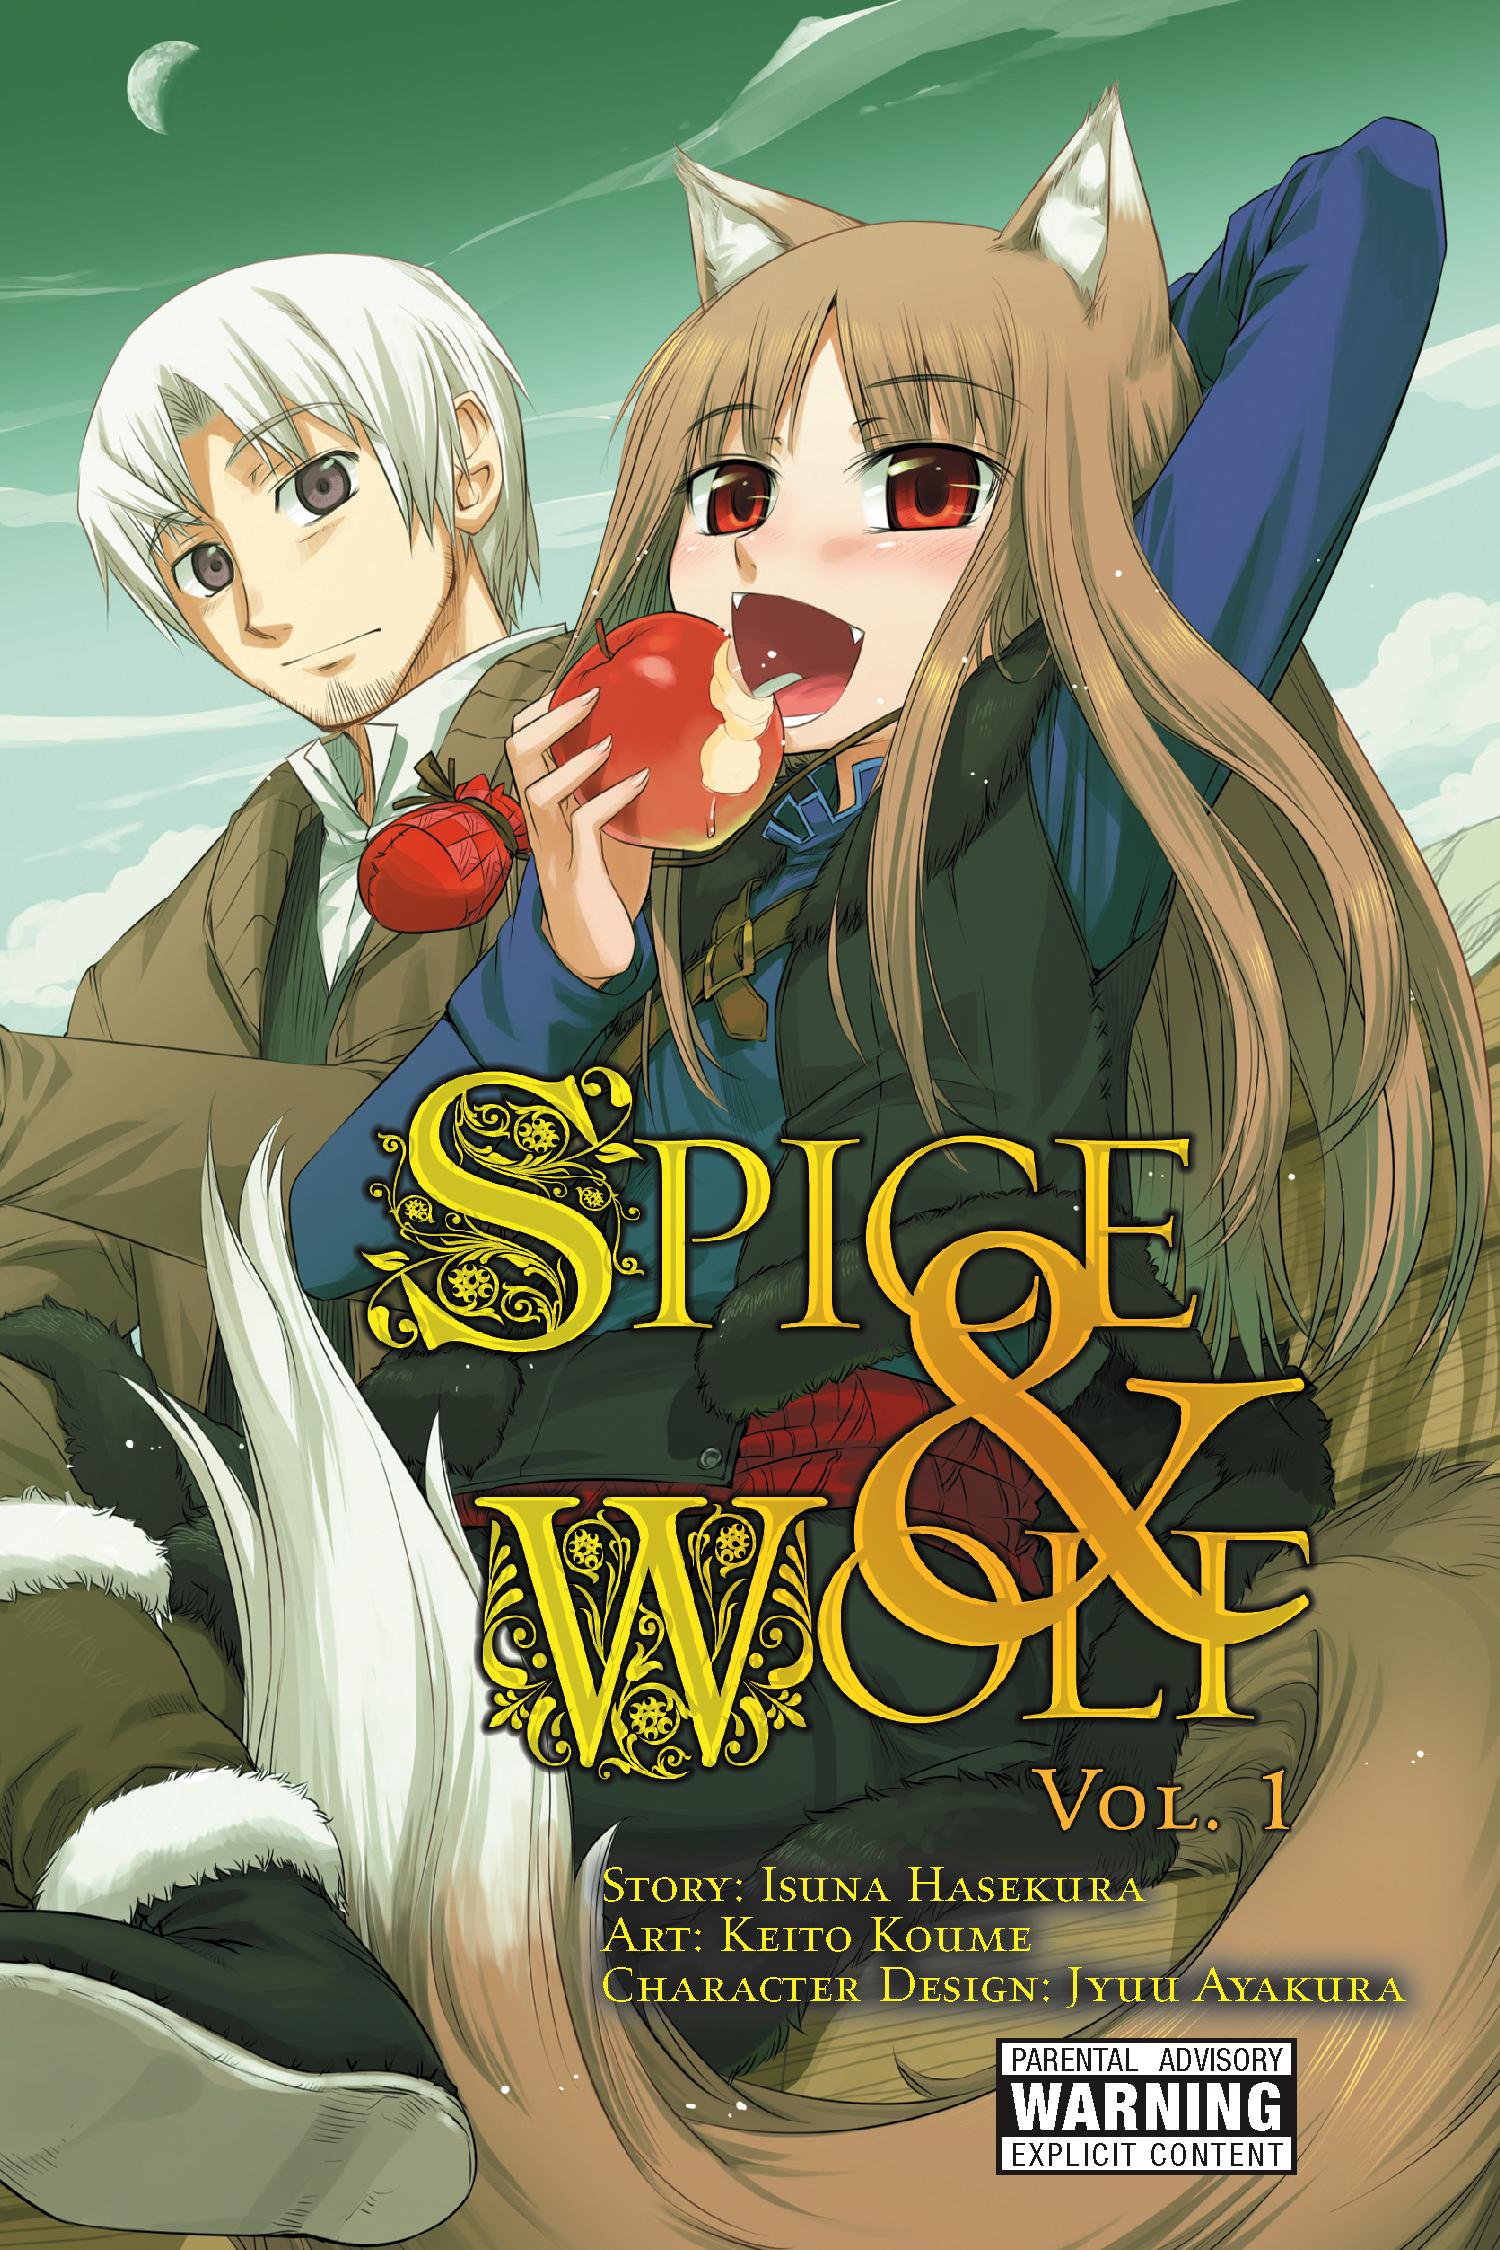 SPICE & WOLF by Keito Koume (art), Isuna Hasekura (story), and Jyuu Ayakura (design)